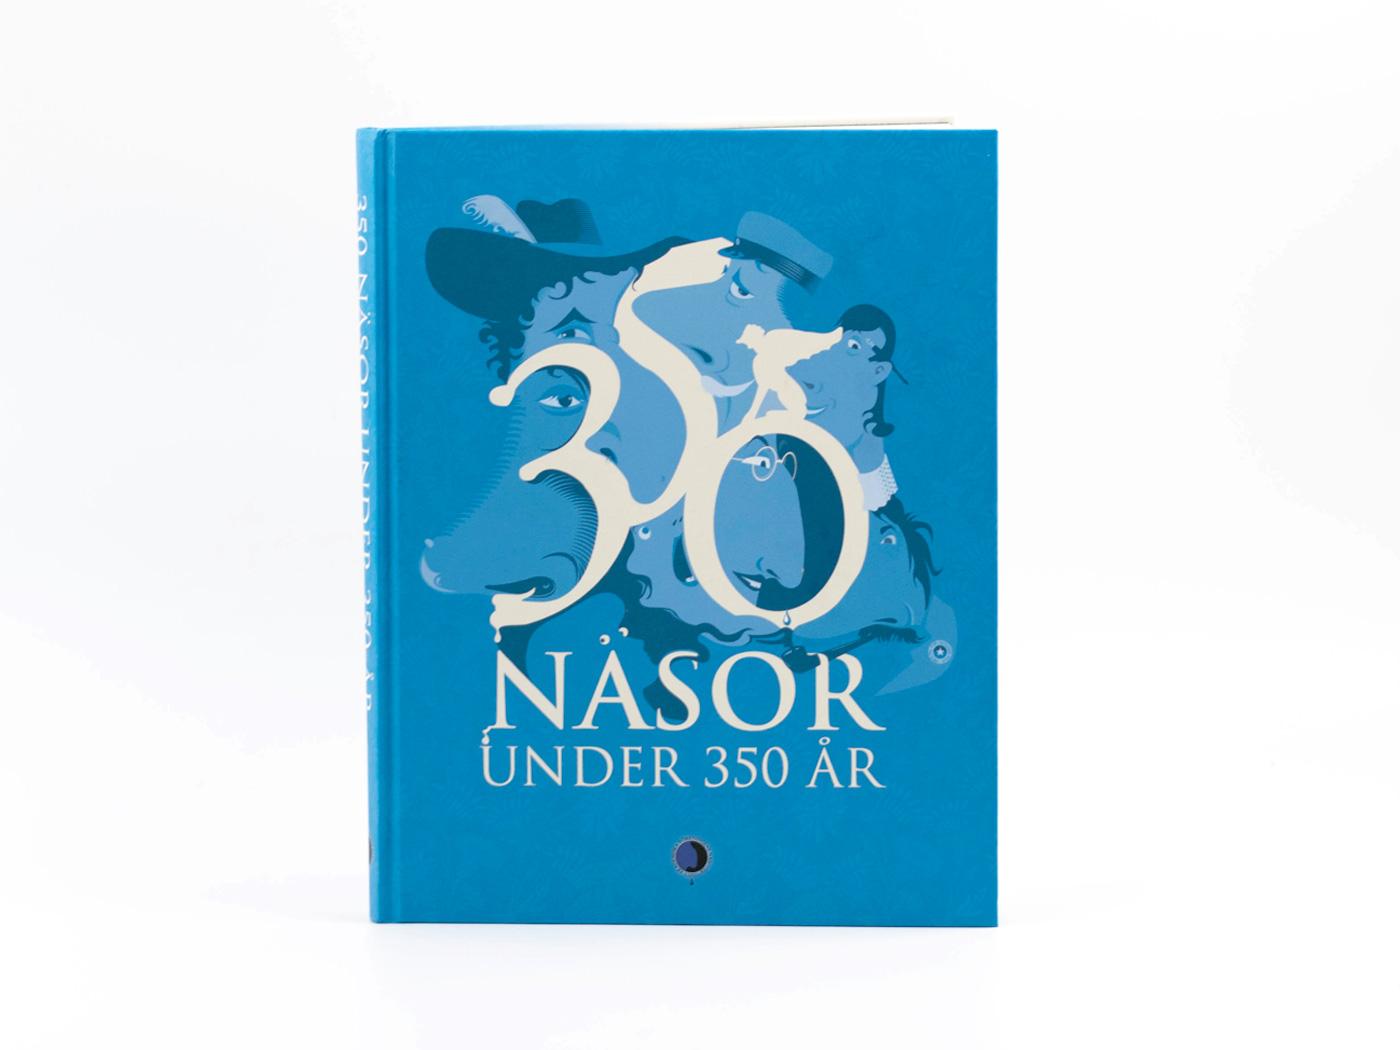 Nasala utskottet presenterar: 350 näsor under 350 år